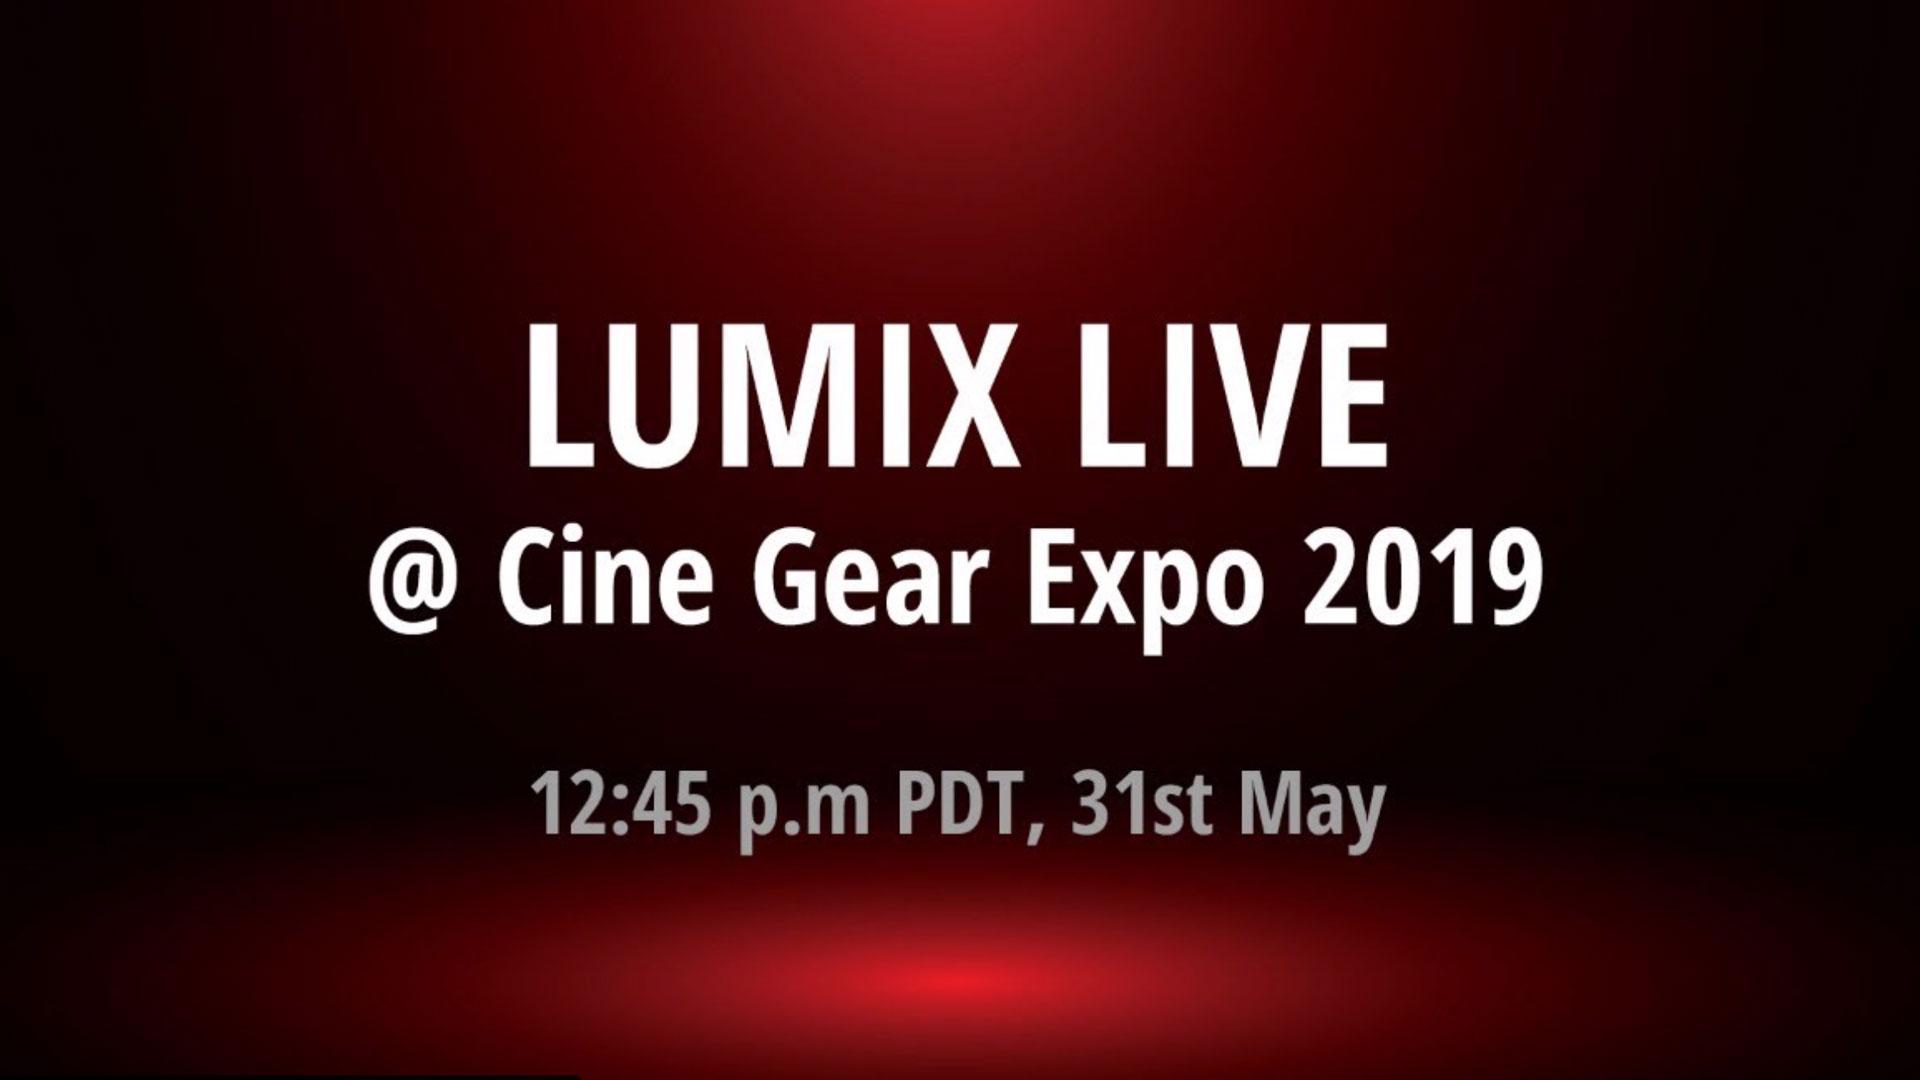 Transmisión en Vivo de Panasonic LUMIX desde la Cine Gear 2019